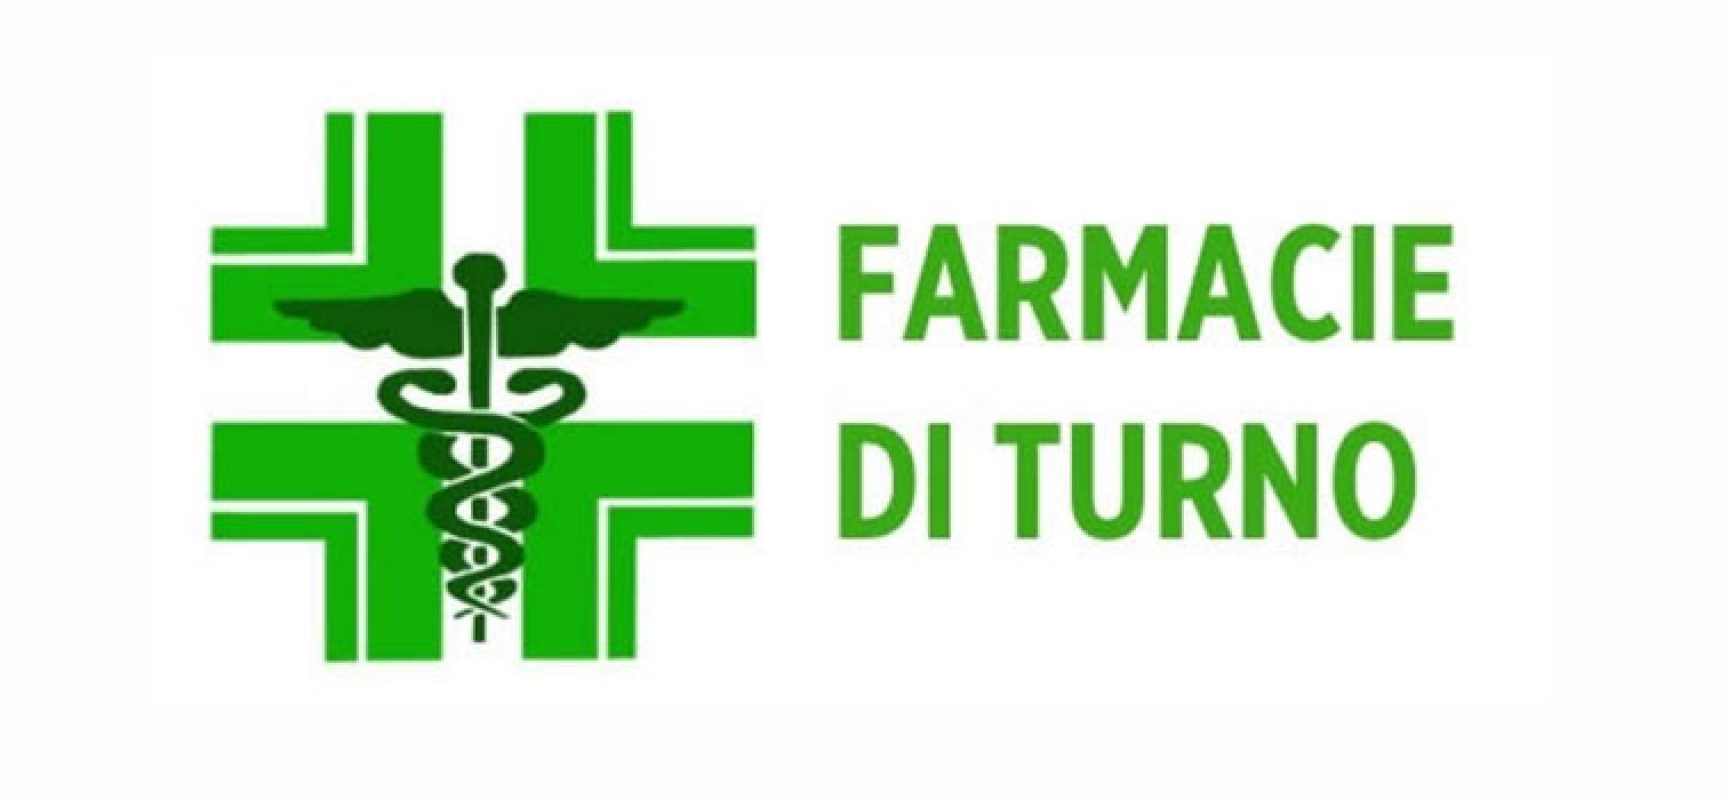 Farmacie di turno dal 26 aprile al 2 maggio